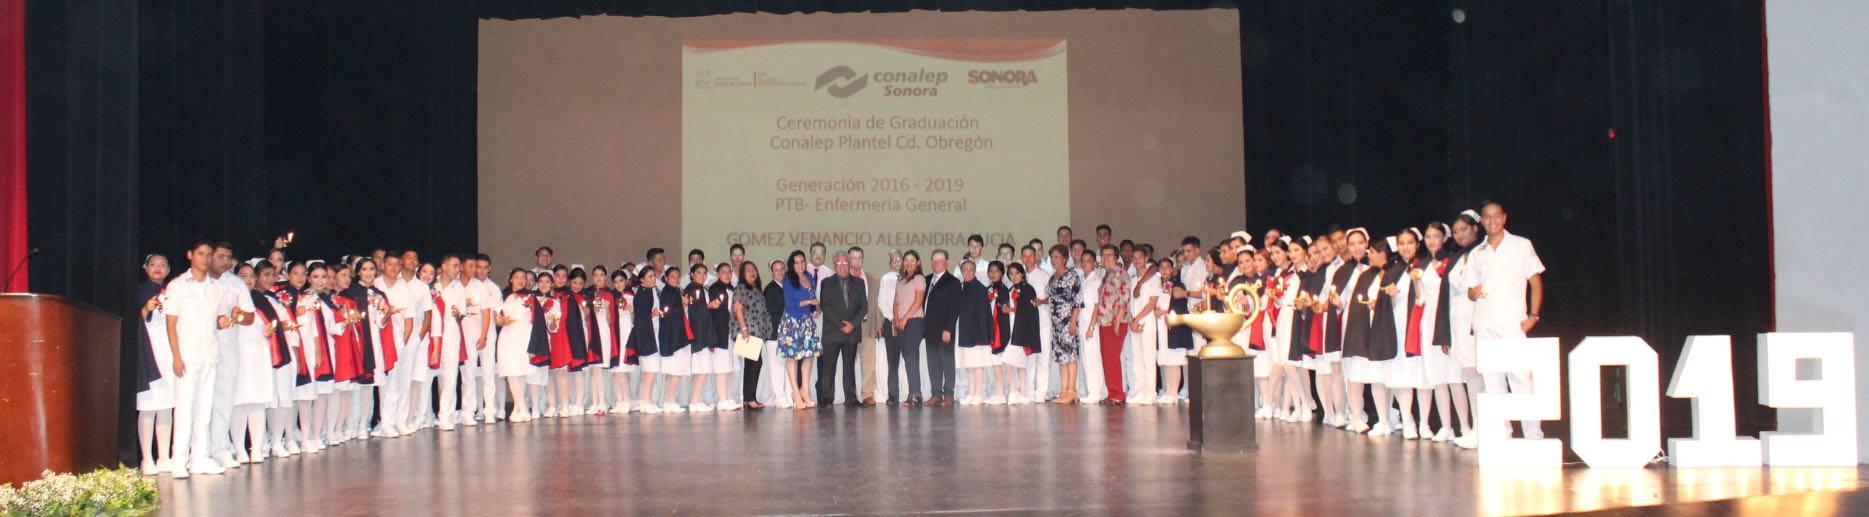 Graduación de la carrera de PTB- Enfermería General Generación 2016-2019